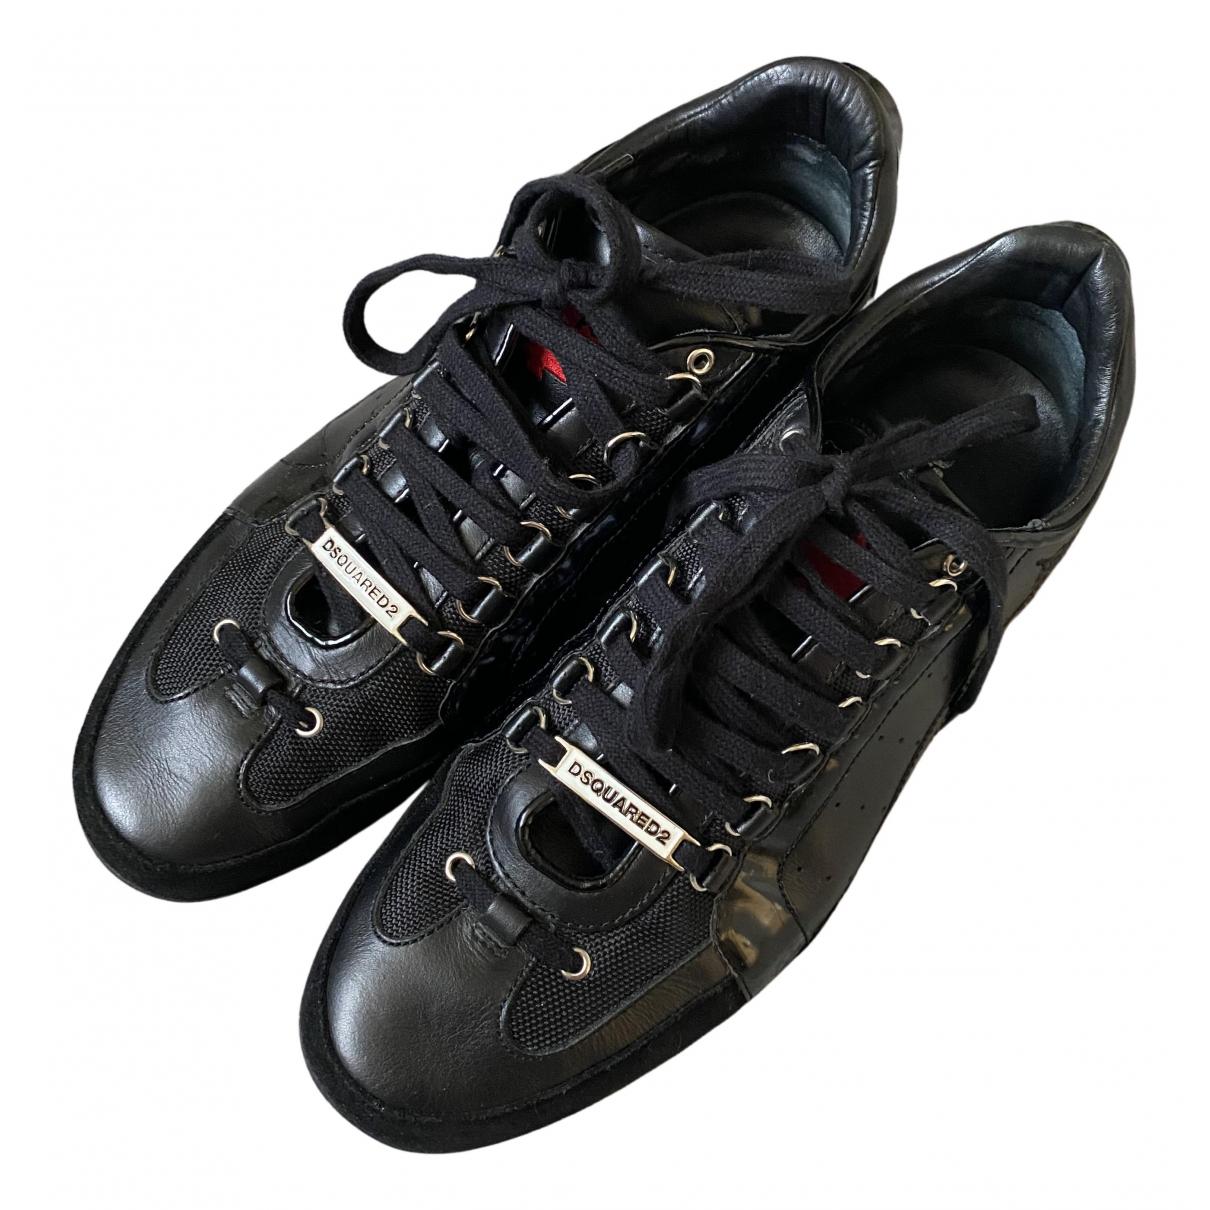 Dsquared2 - Baskets 551 pour homme en cuir - noir